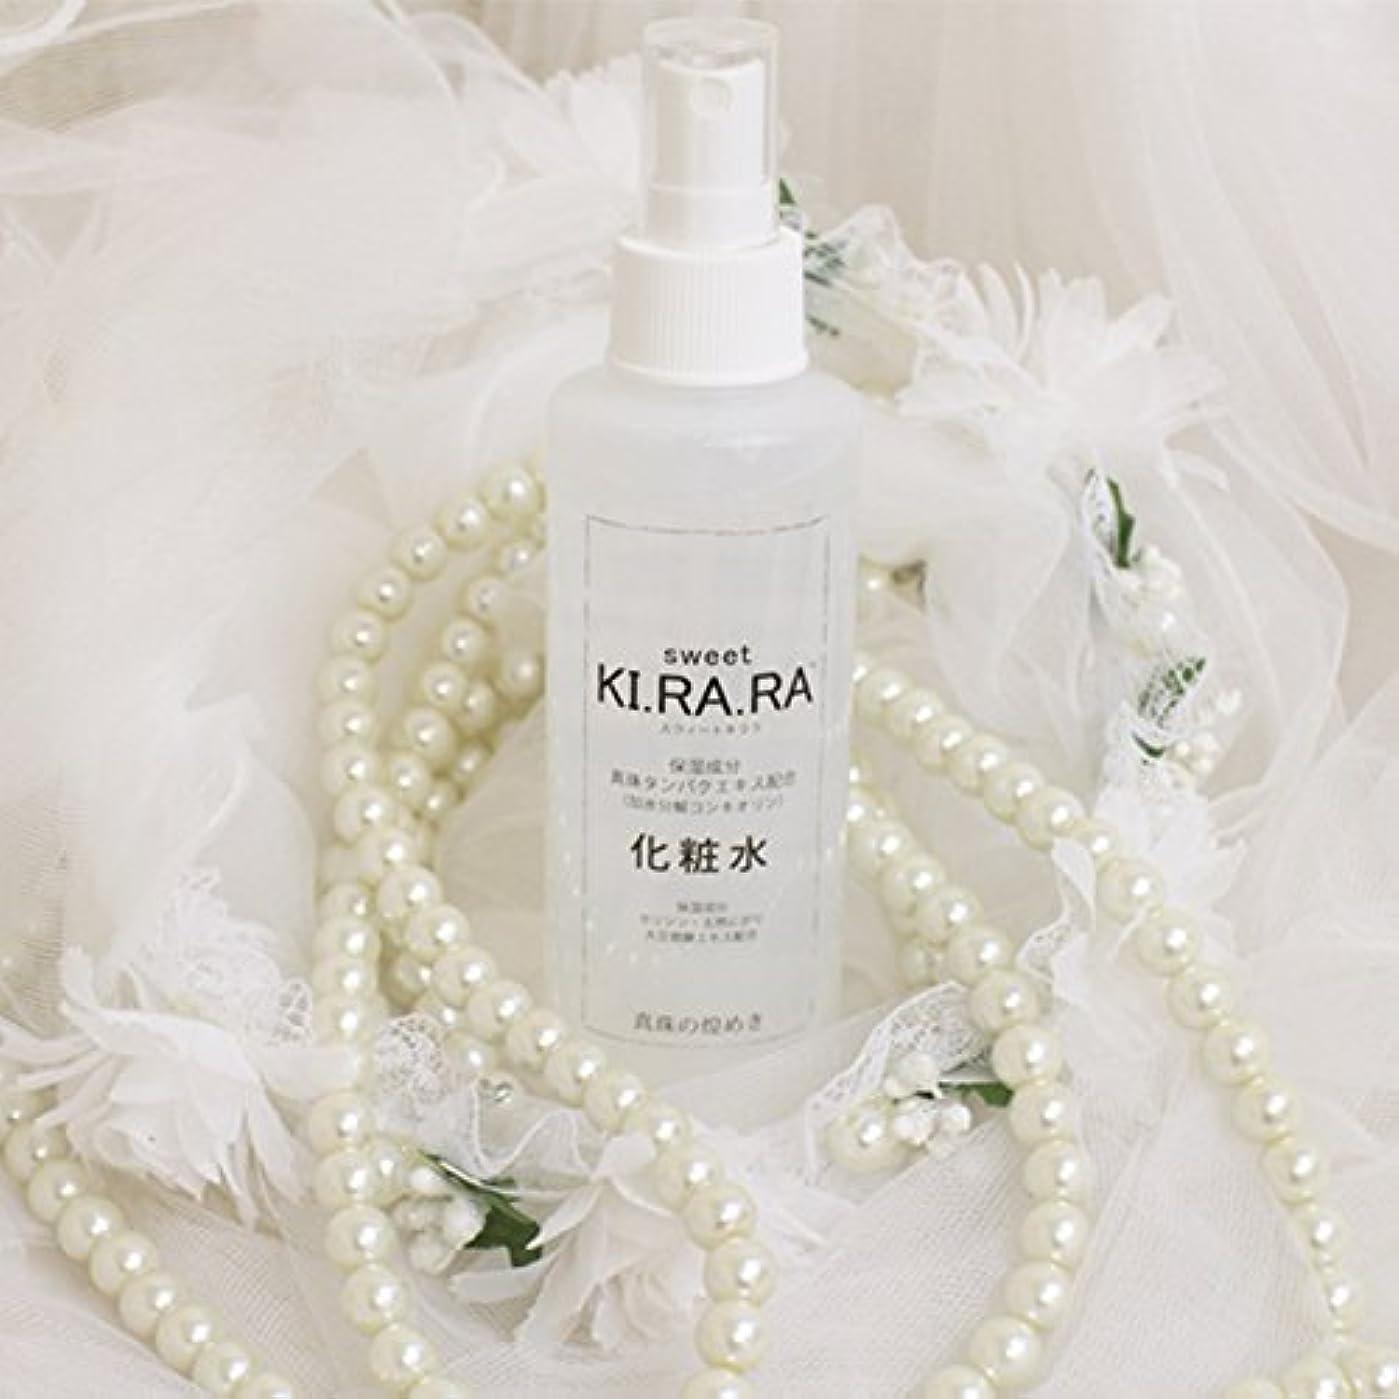 大きさディスカウント手sweet KI.RA.RA スウィートキララ 化粧水 ナチュラルローション 真珠タンパクエキス配合 150ml